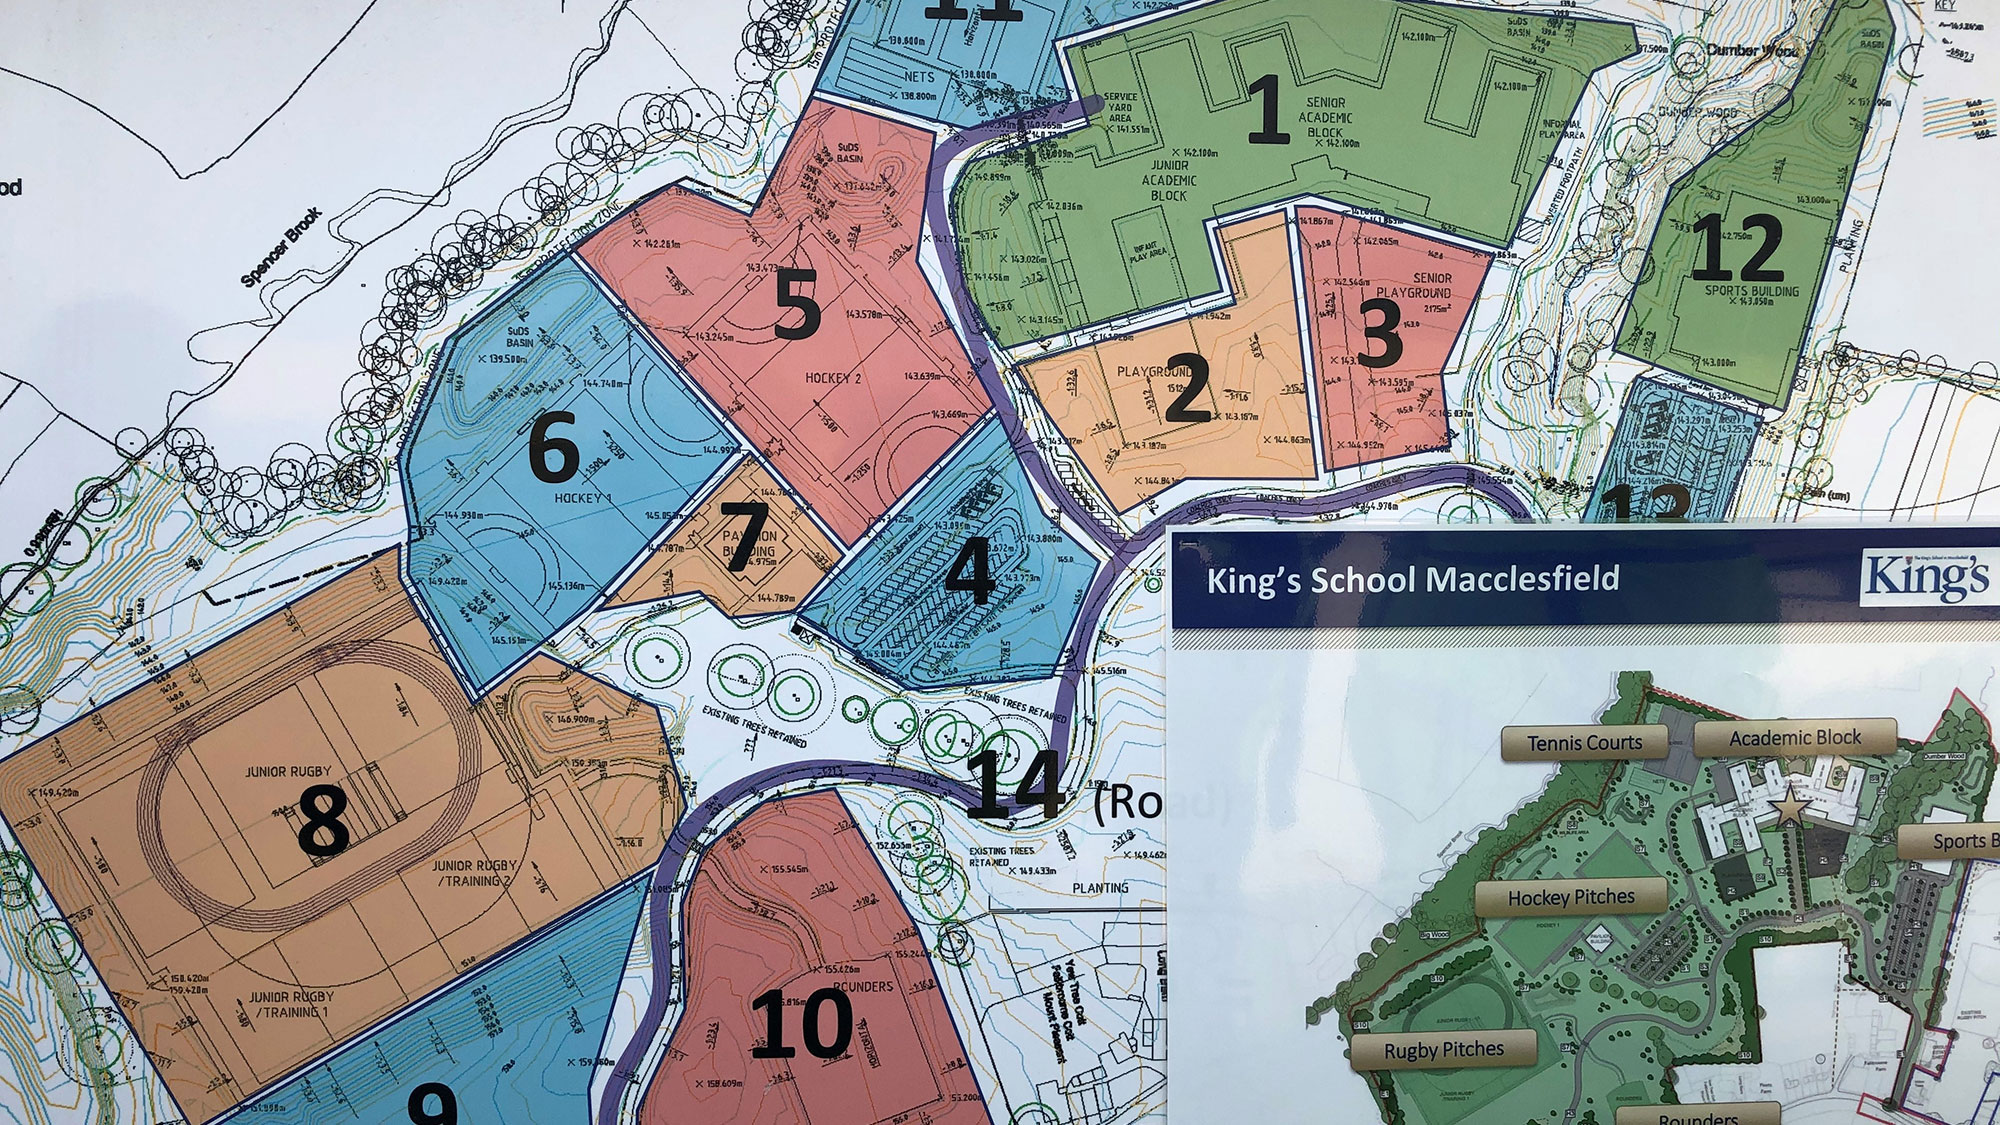 Kings School Macclesfield map